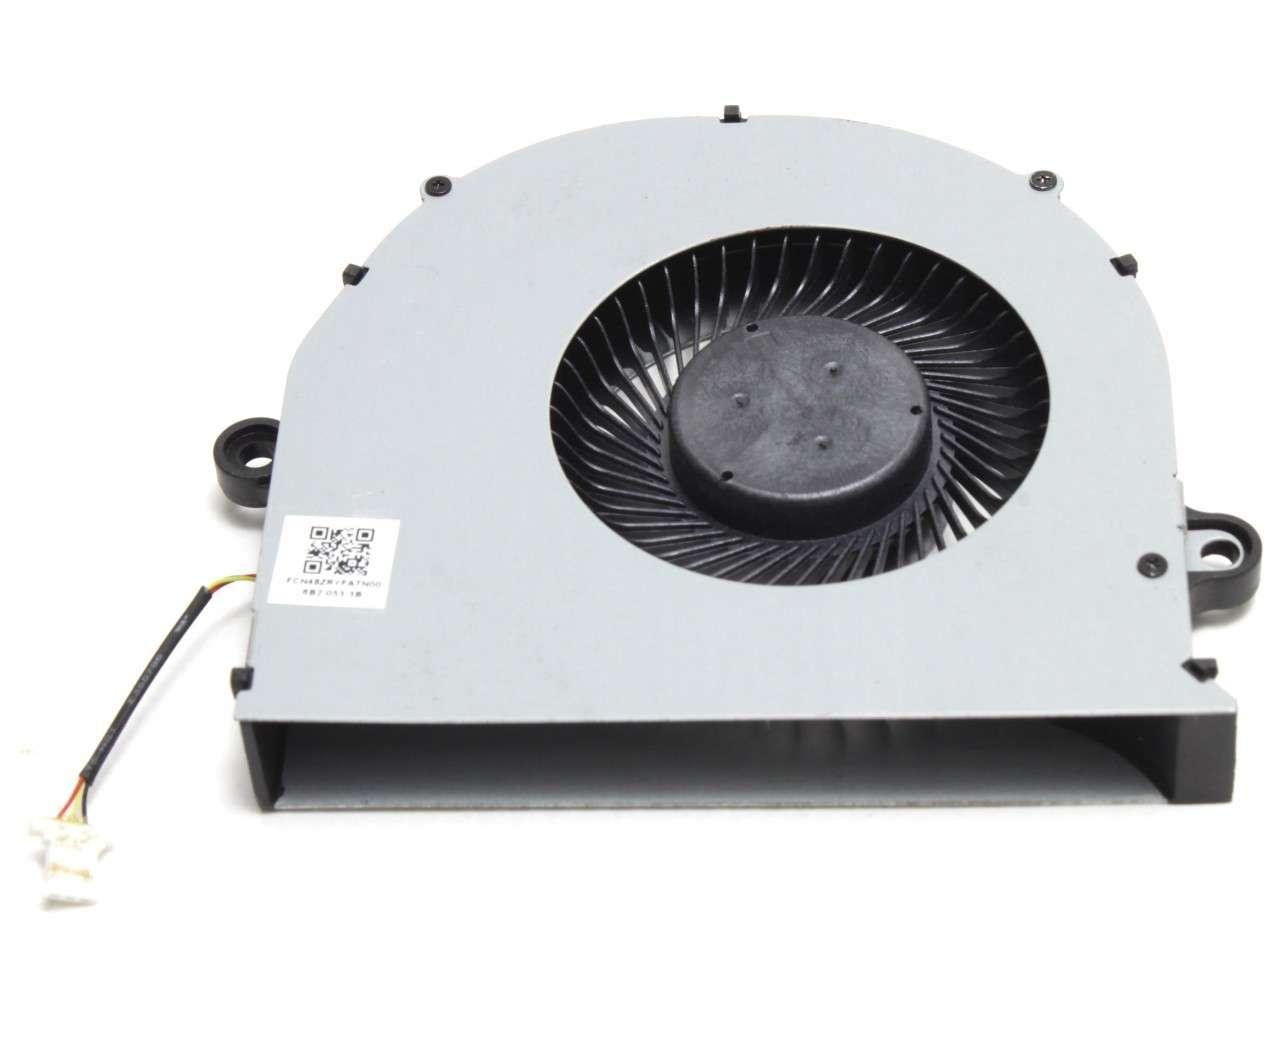 Cooler laptop Acer Aspire E5-475 12mm grosime imagine powerlaptop.ro 2021